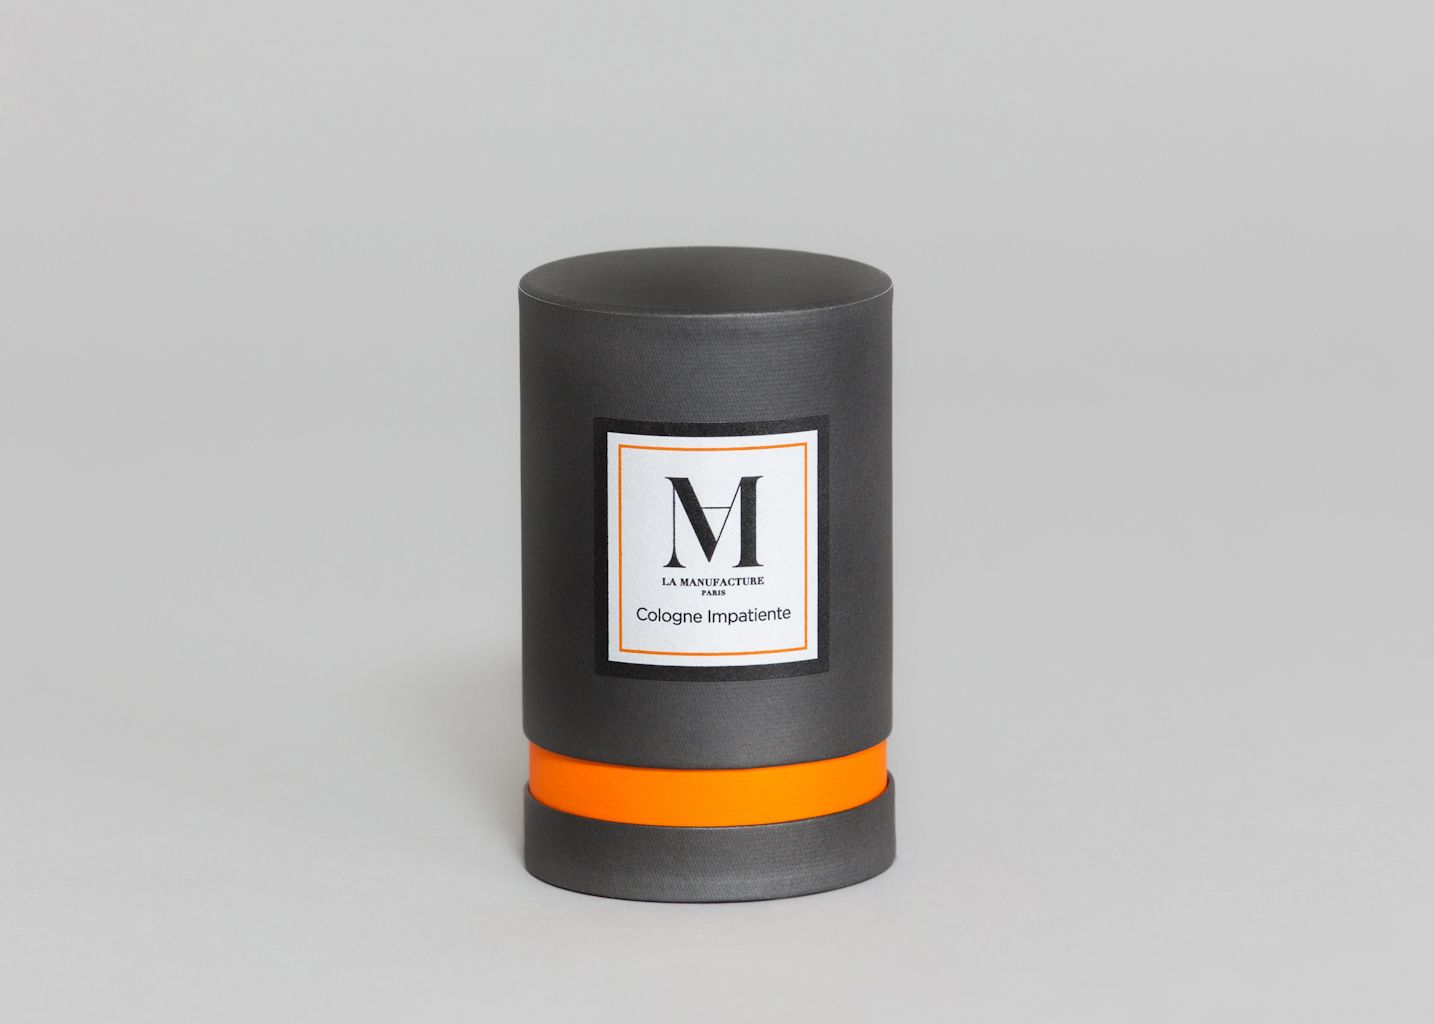 Cologne Impatiente - La Manufacture Parfums